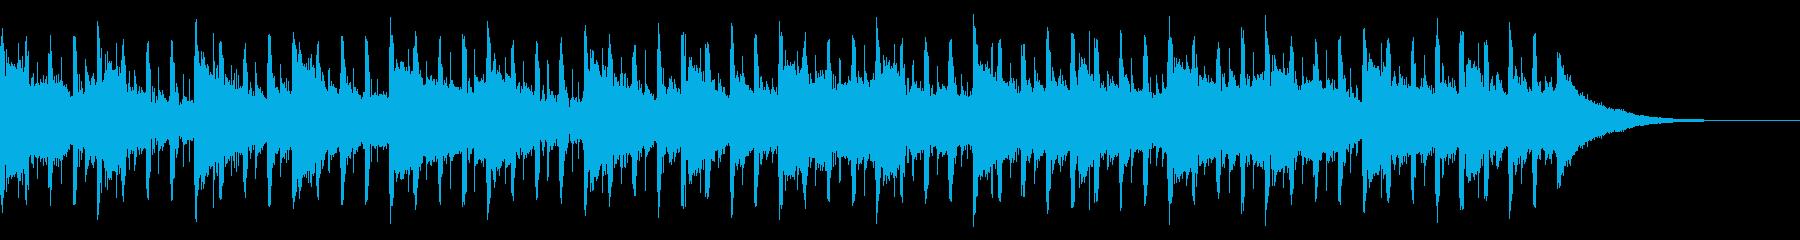 企業の健康(39秒)の再生済みの波形